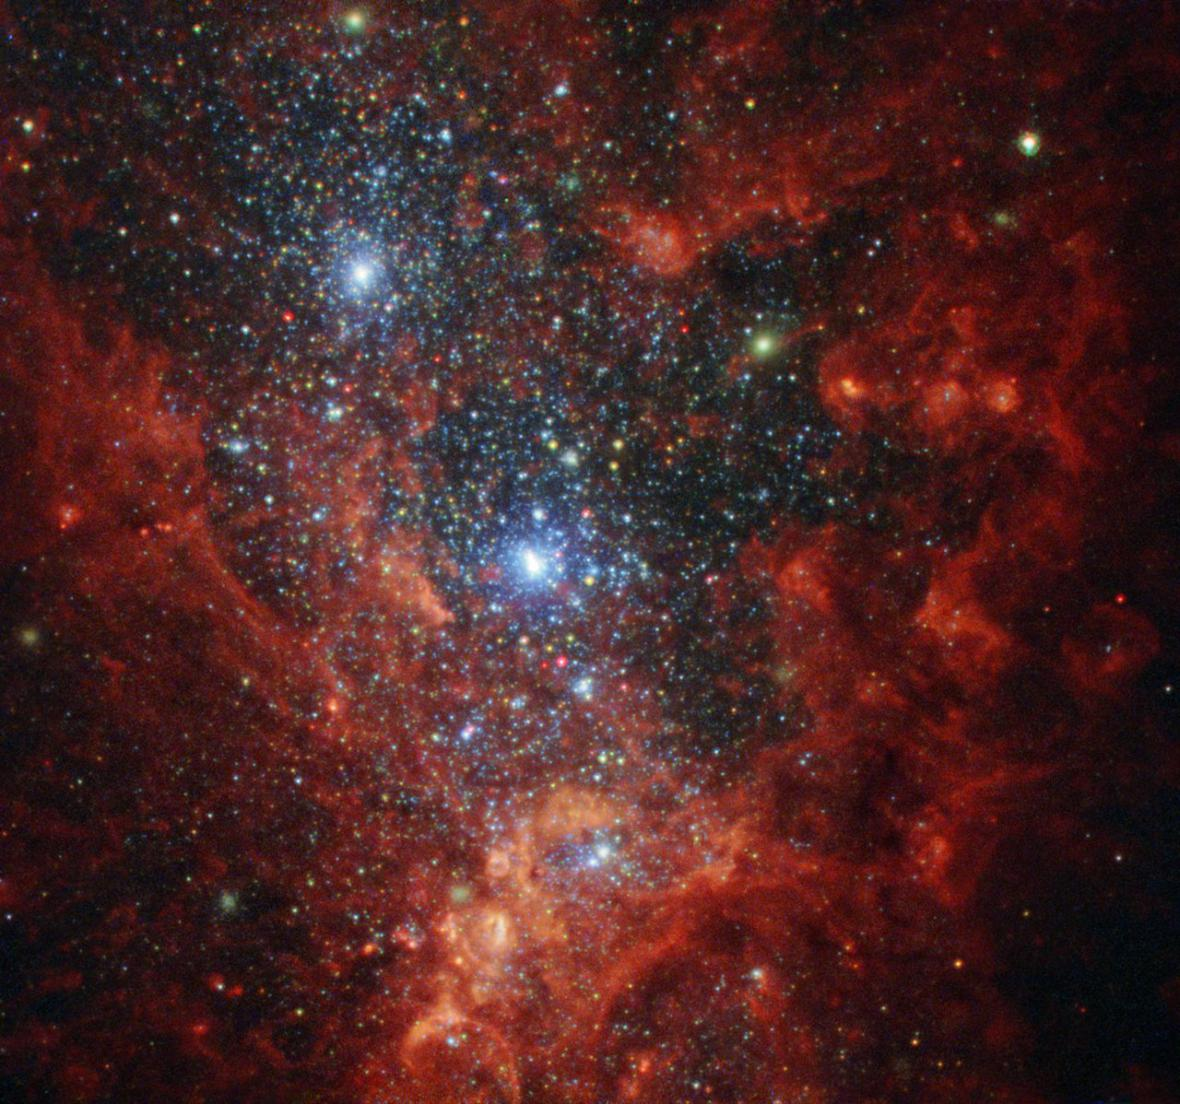 Galaxie objektivem Hubbleova vesmírného teleskopu